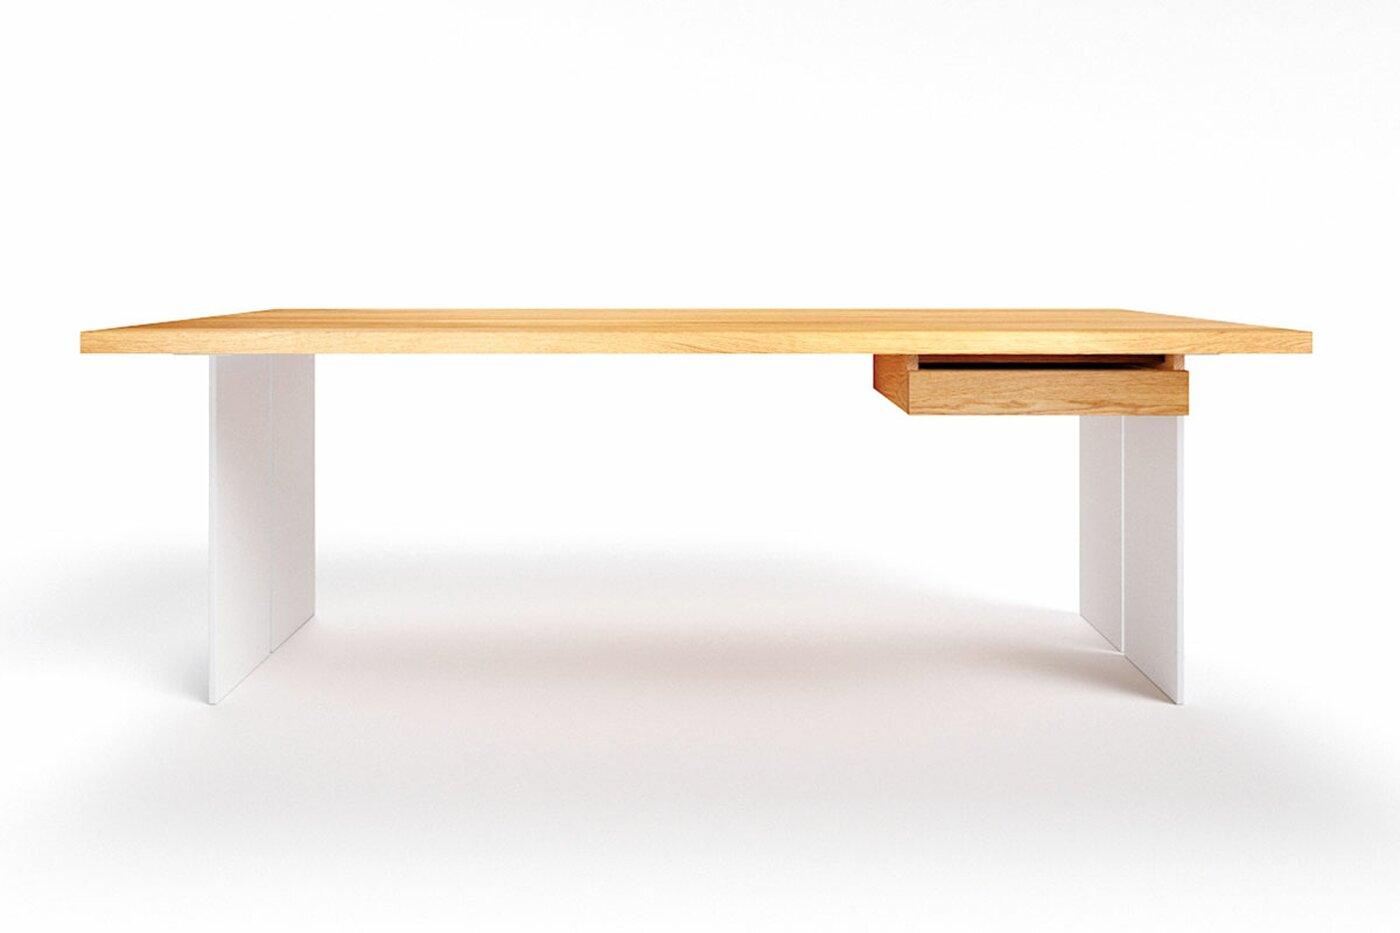 Eiche Schreibtisch nach Maß Raik astfrei